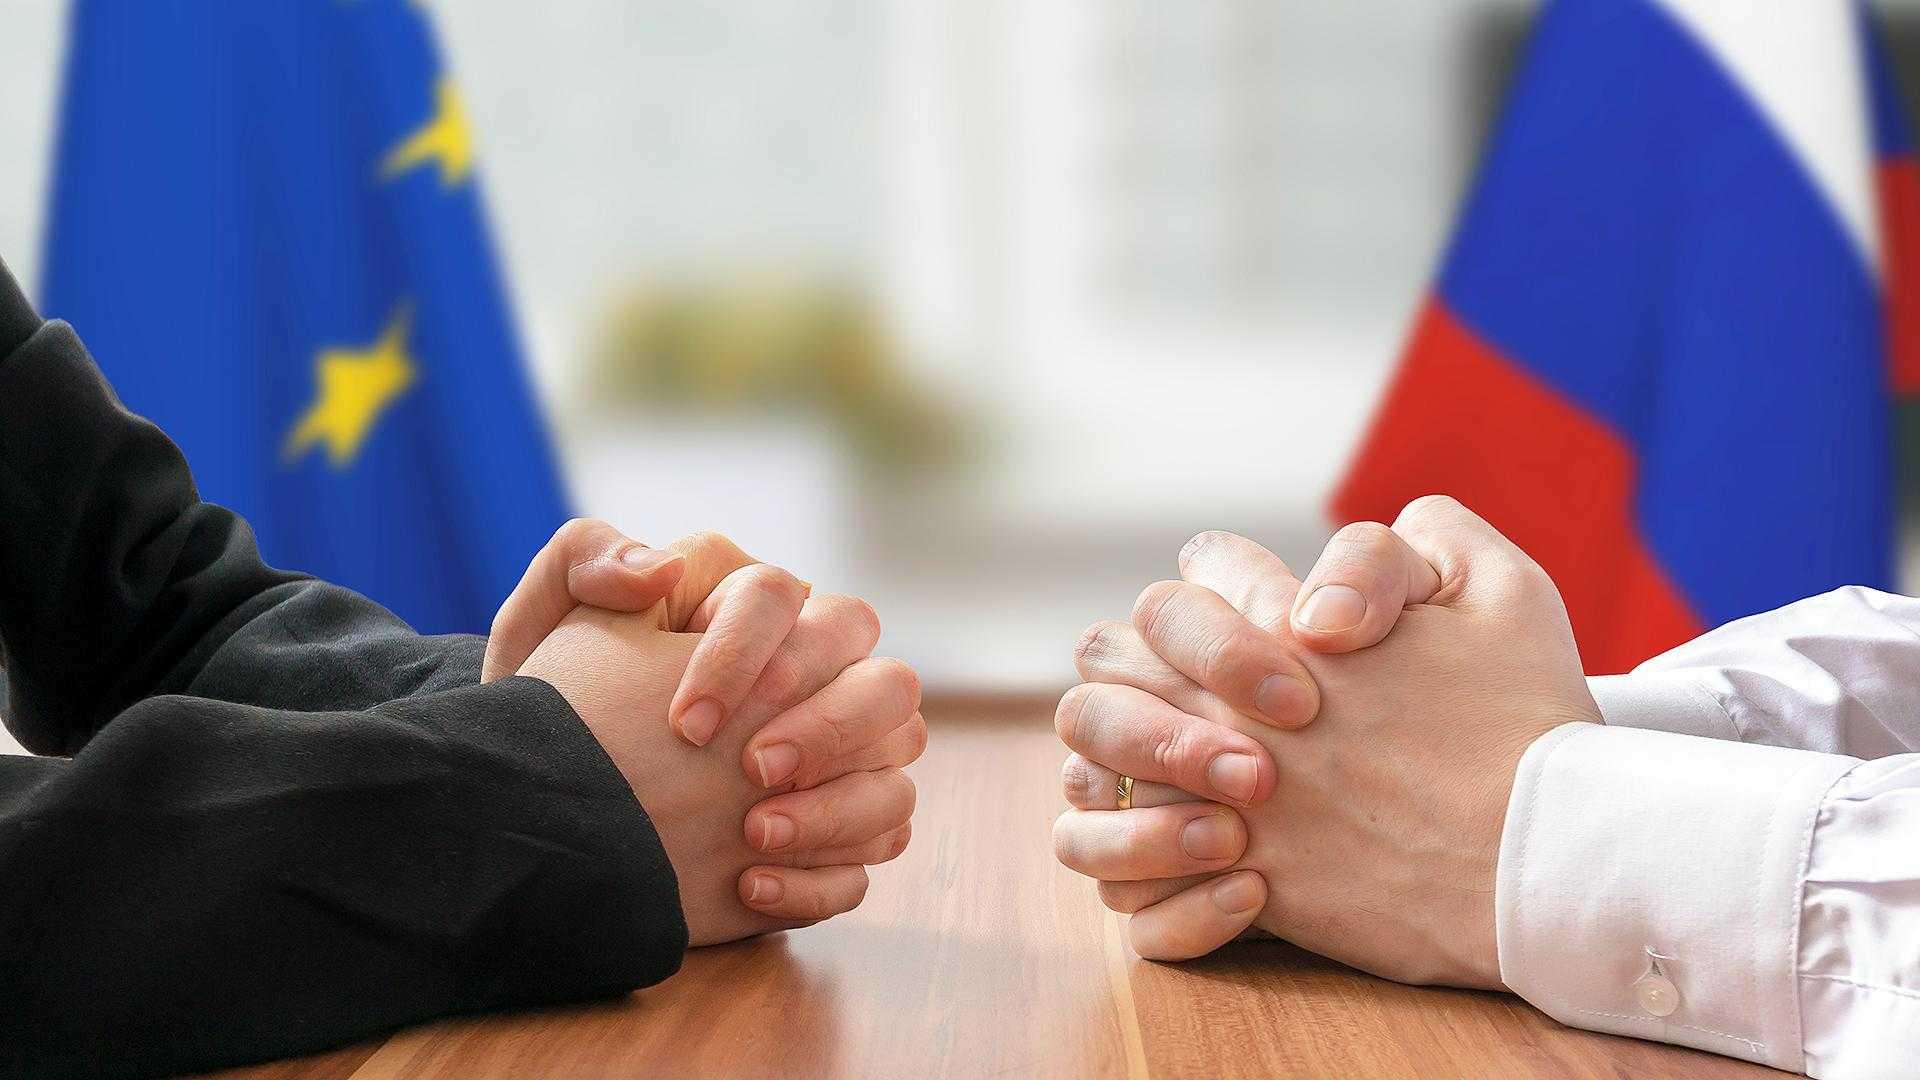 В Евросоюзе расширили антироссийские санкции «за подрыв суверенитета Украины»